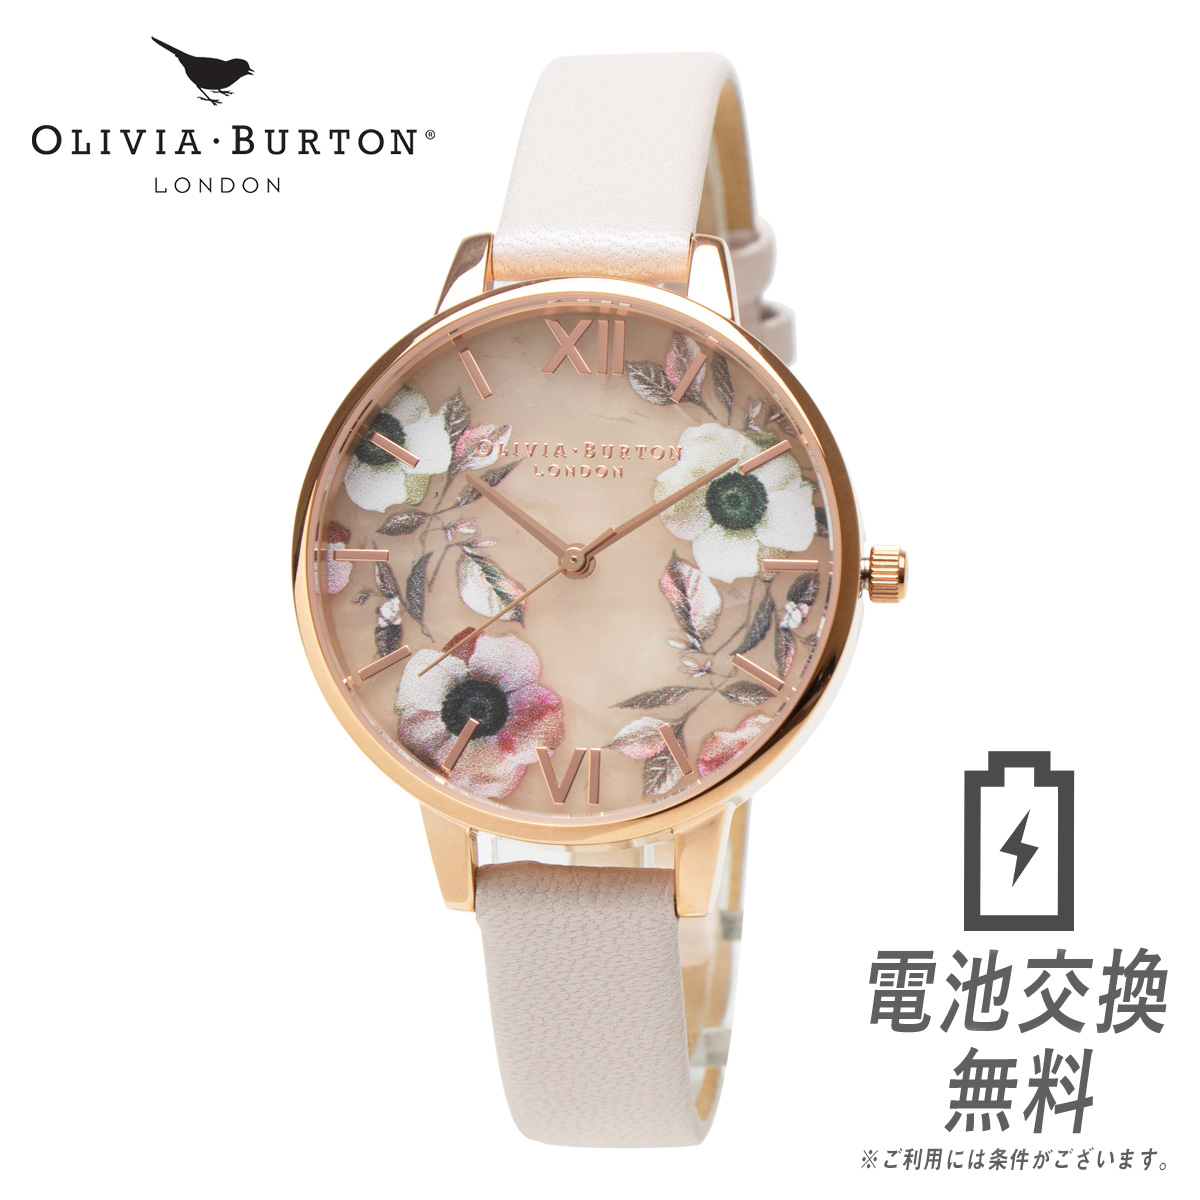 【ラッピング無料】オリビアバートン OLIVIA BURTON 腕時計 レディース 時計 花柄 OB16SP14 semi precious セミプレシャス デミ 天然石 ローズクォーツ パール ウォッチ 女性用 アナログ フラワー demi 34mm フェミニン ガーリー